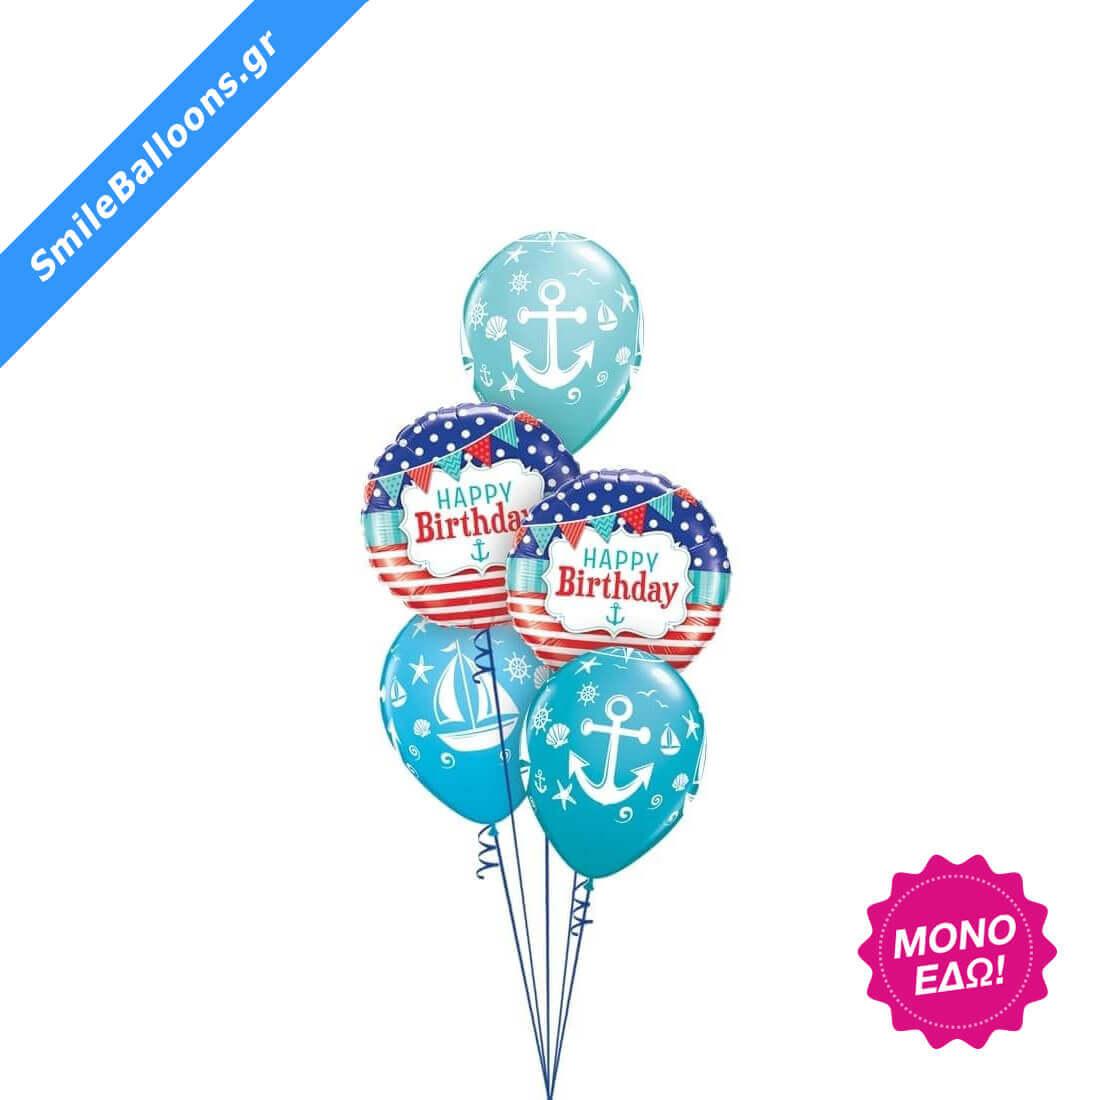 """Μπουκέτο μπαλονιών """"Anchors Away Birthday"""""""